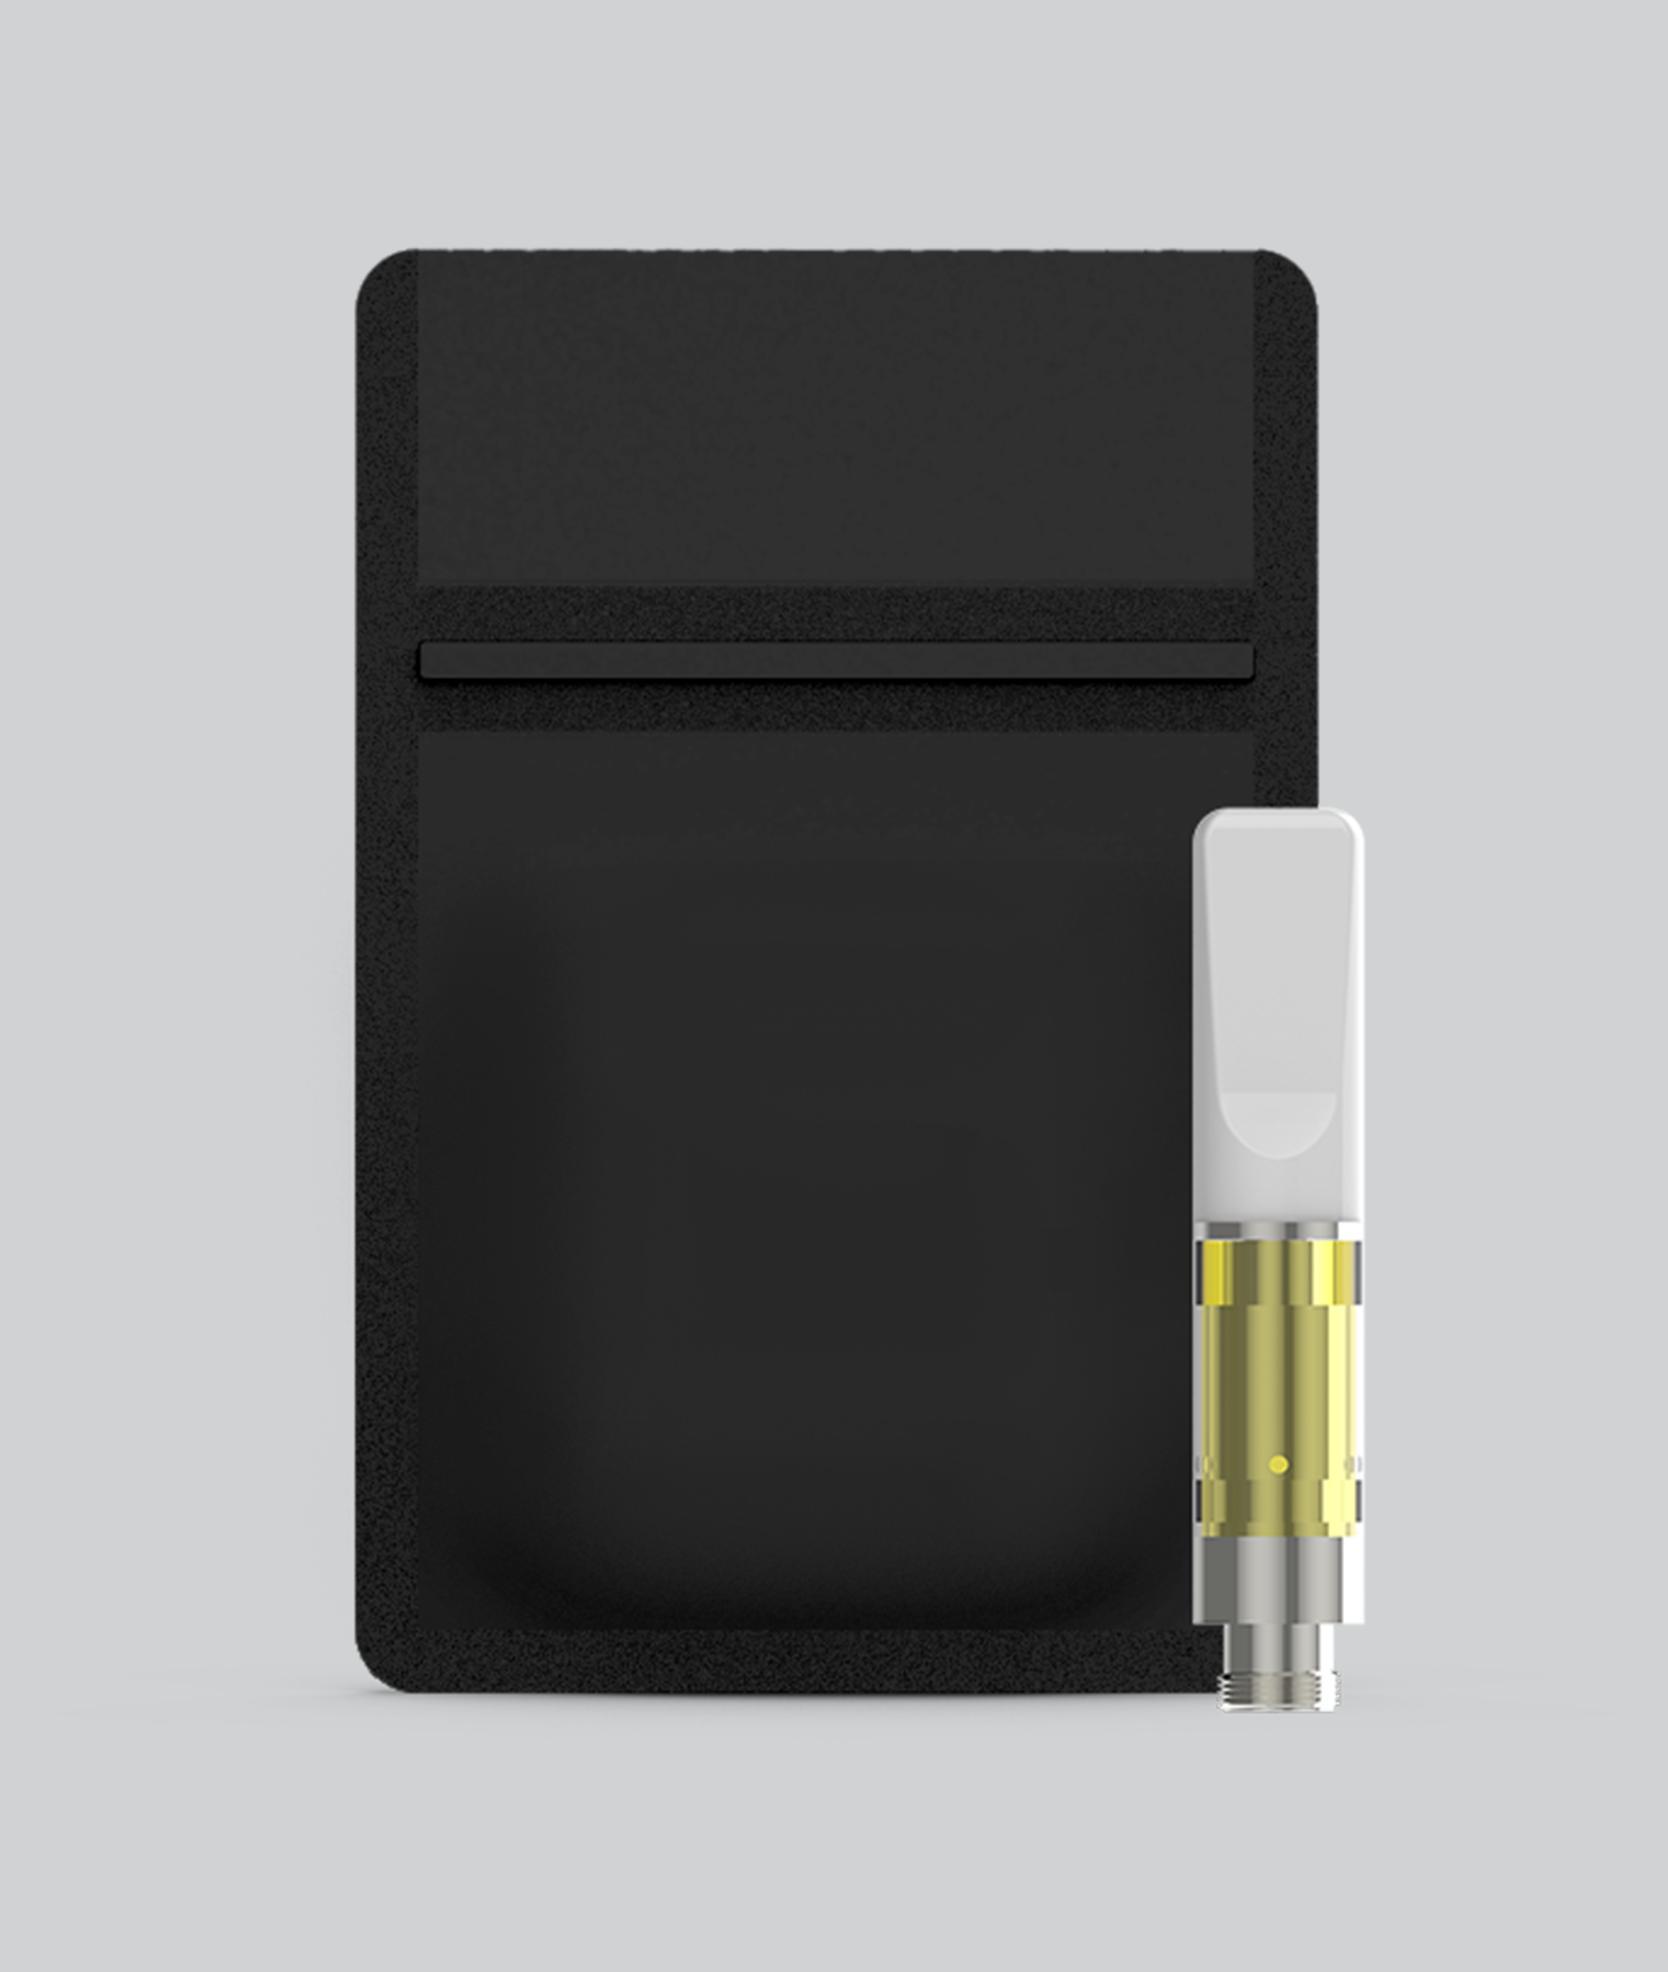 Reddot-custom-packaging-bags-usage